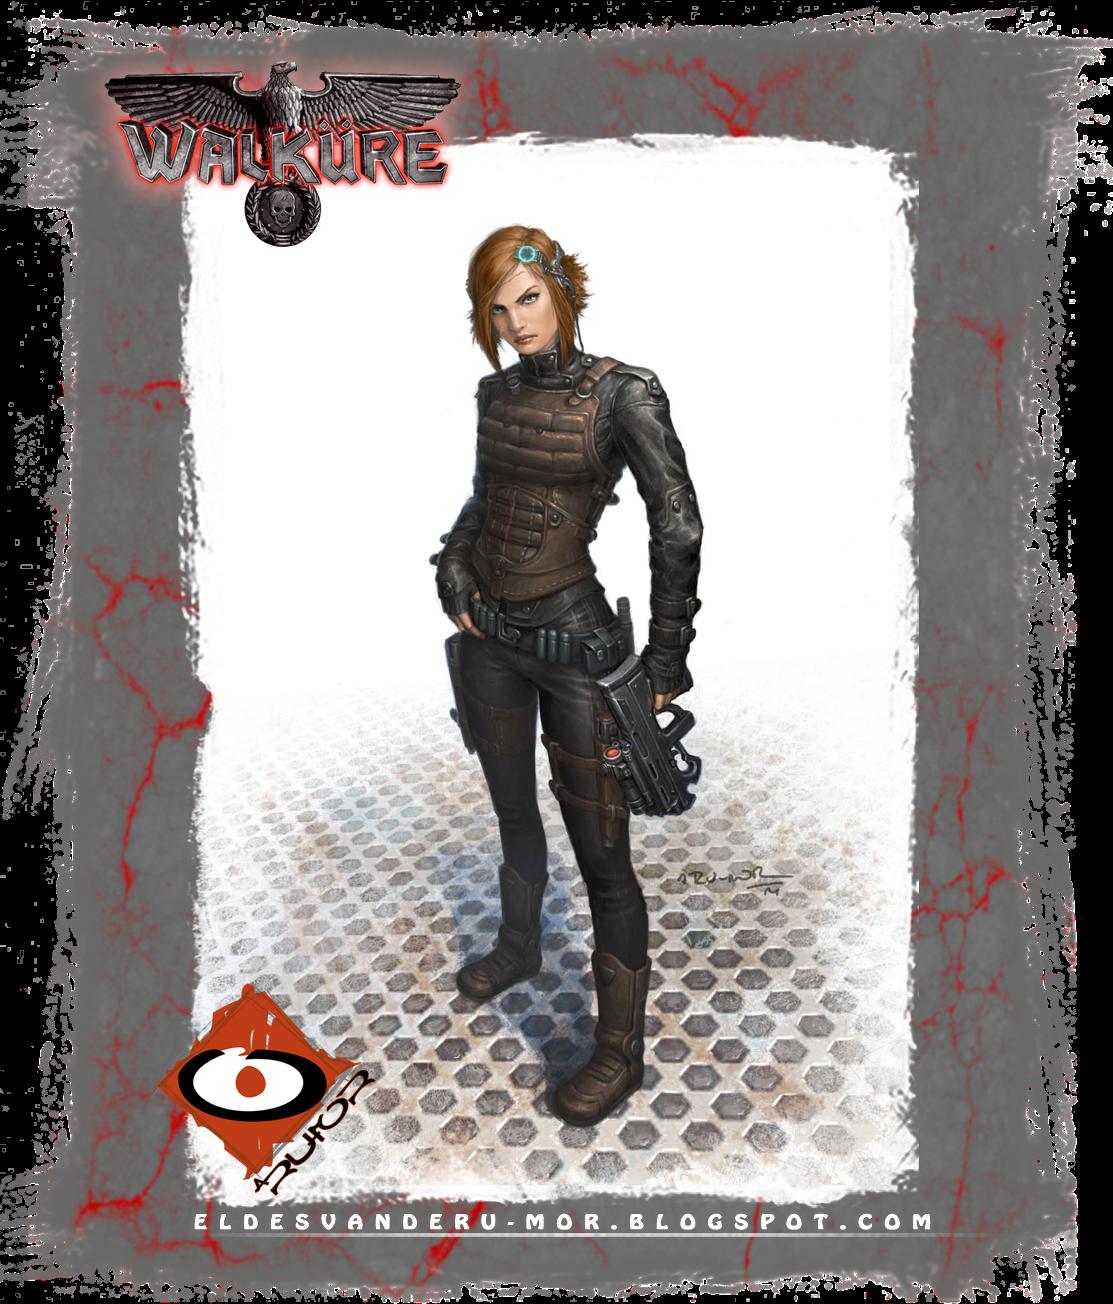 ilustración de personaje para el RPG WALKURE (agente, espía especial, viuda negra) hecha por ªRU-MOR. sci-fi